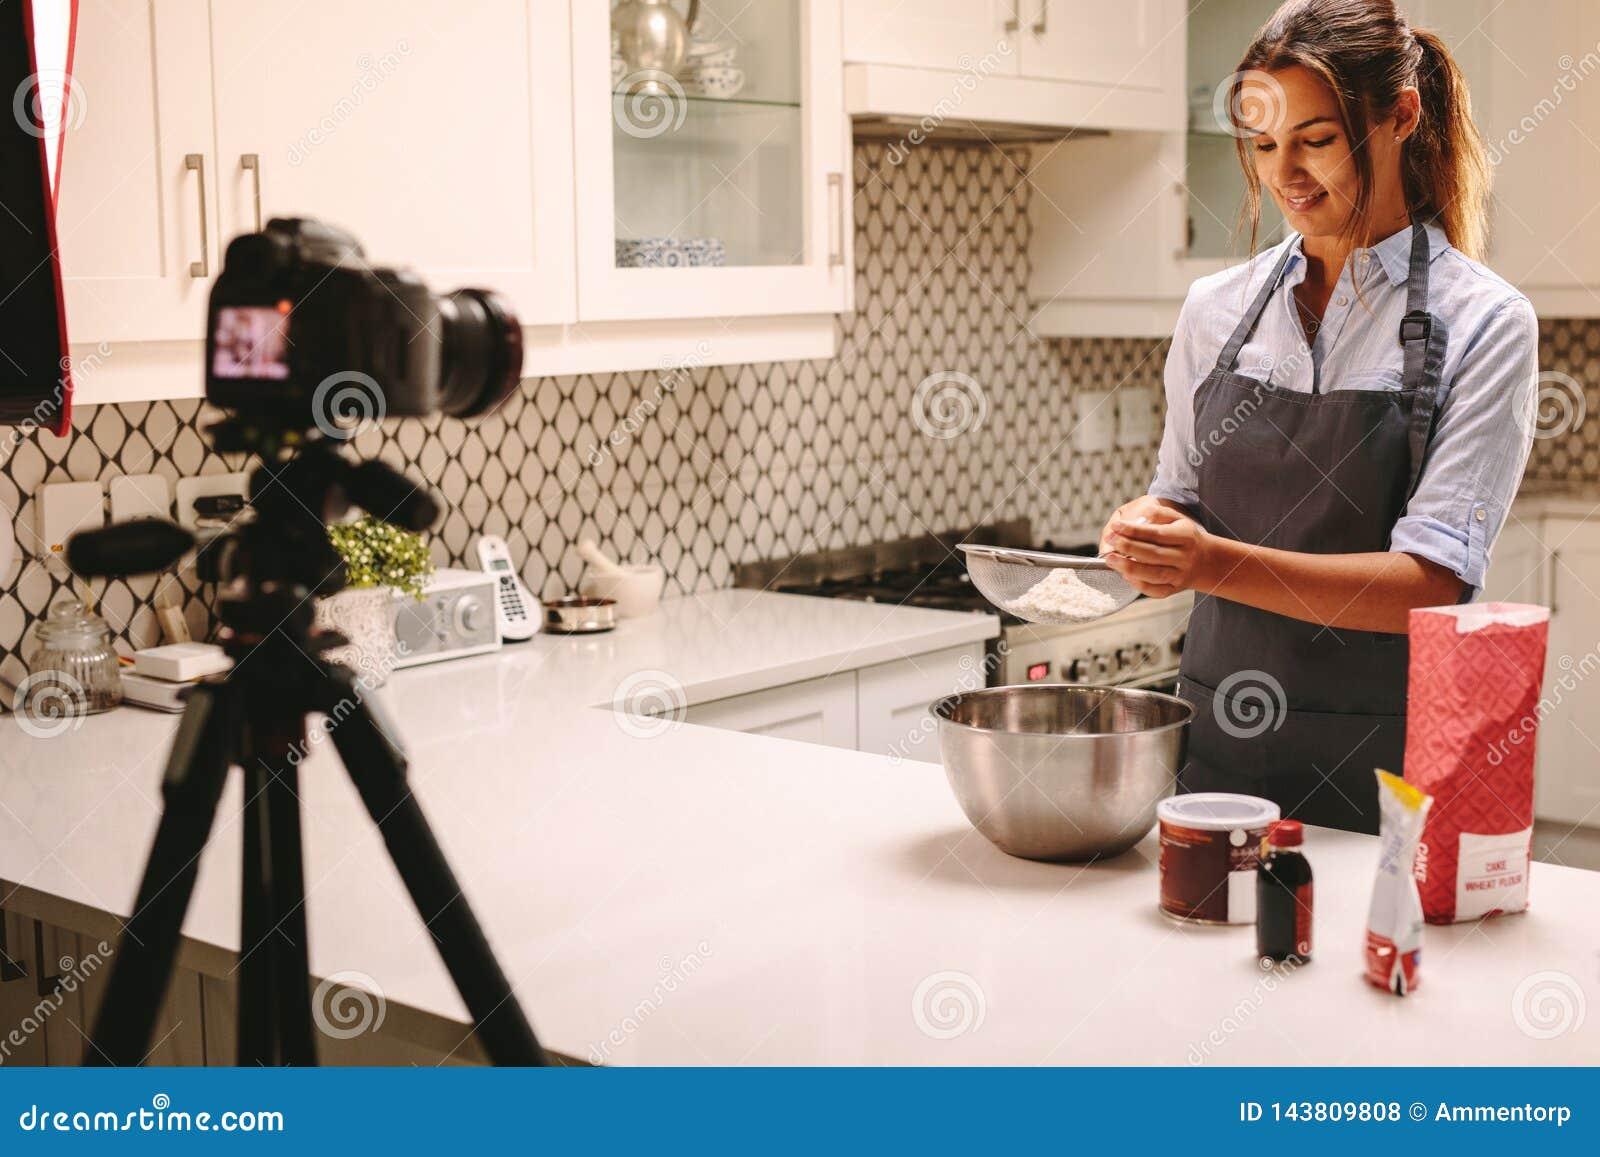 Chef de repostería vlogging en cocina